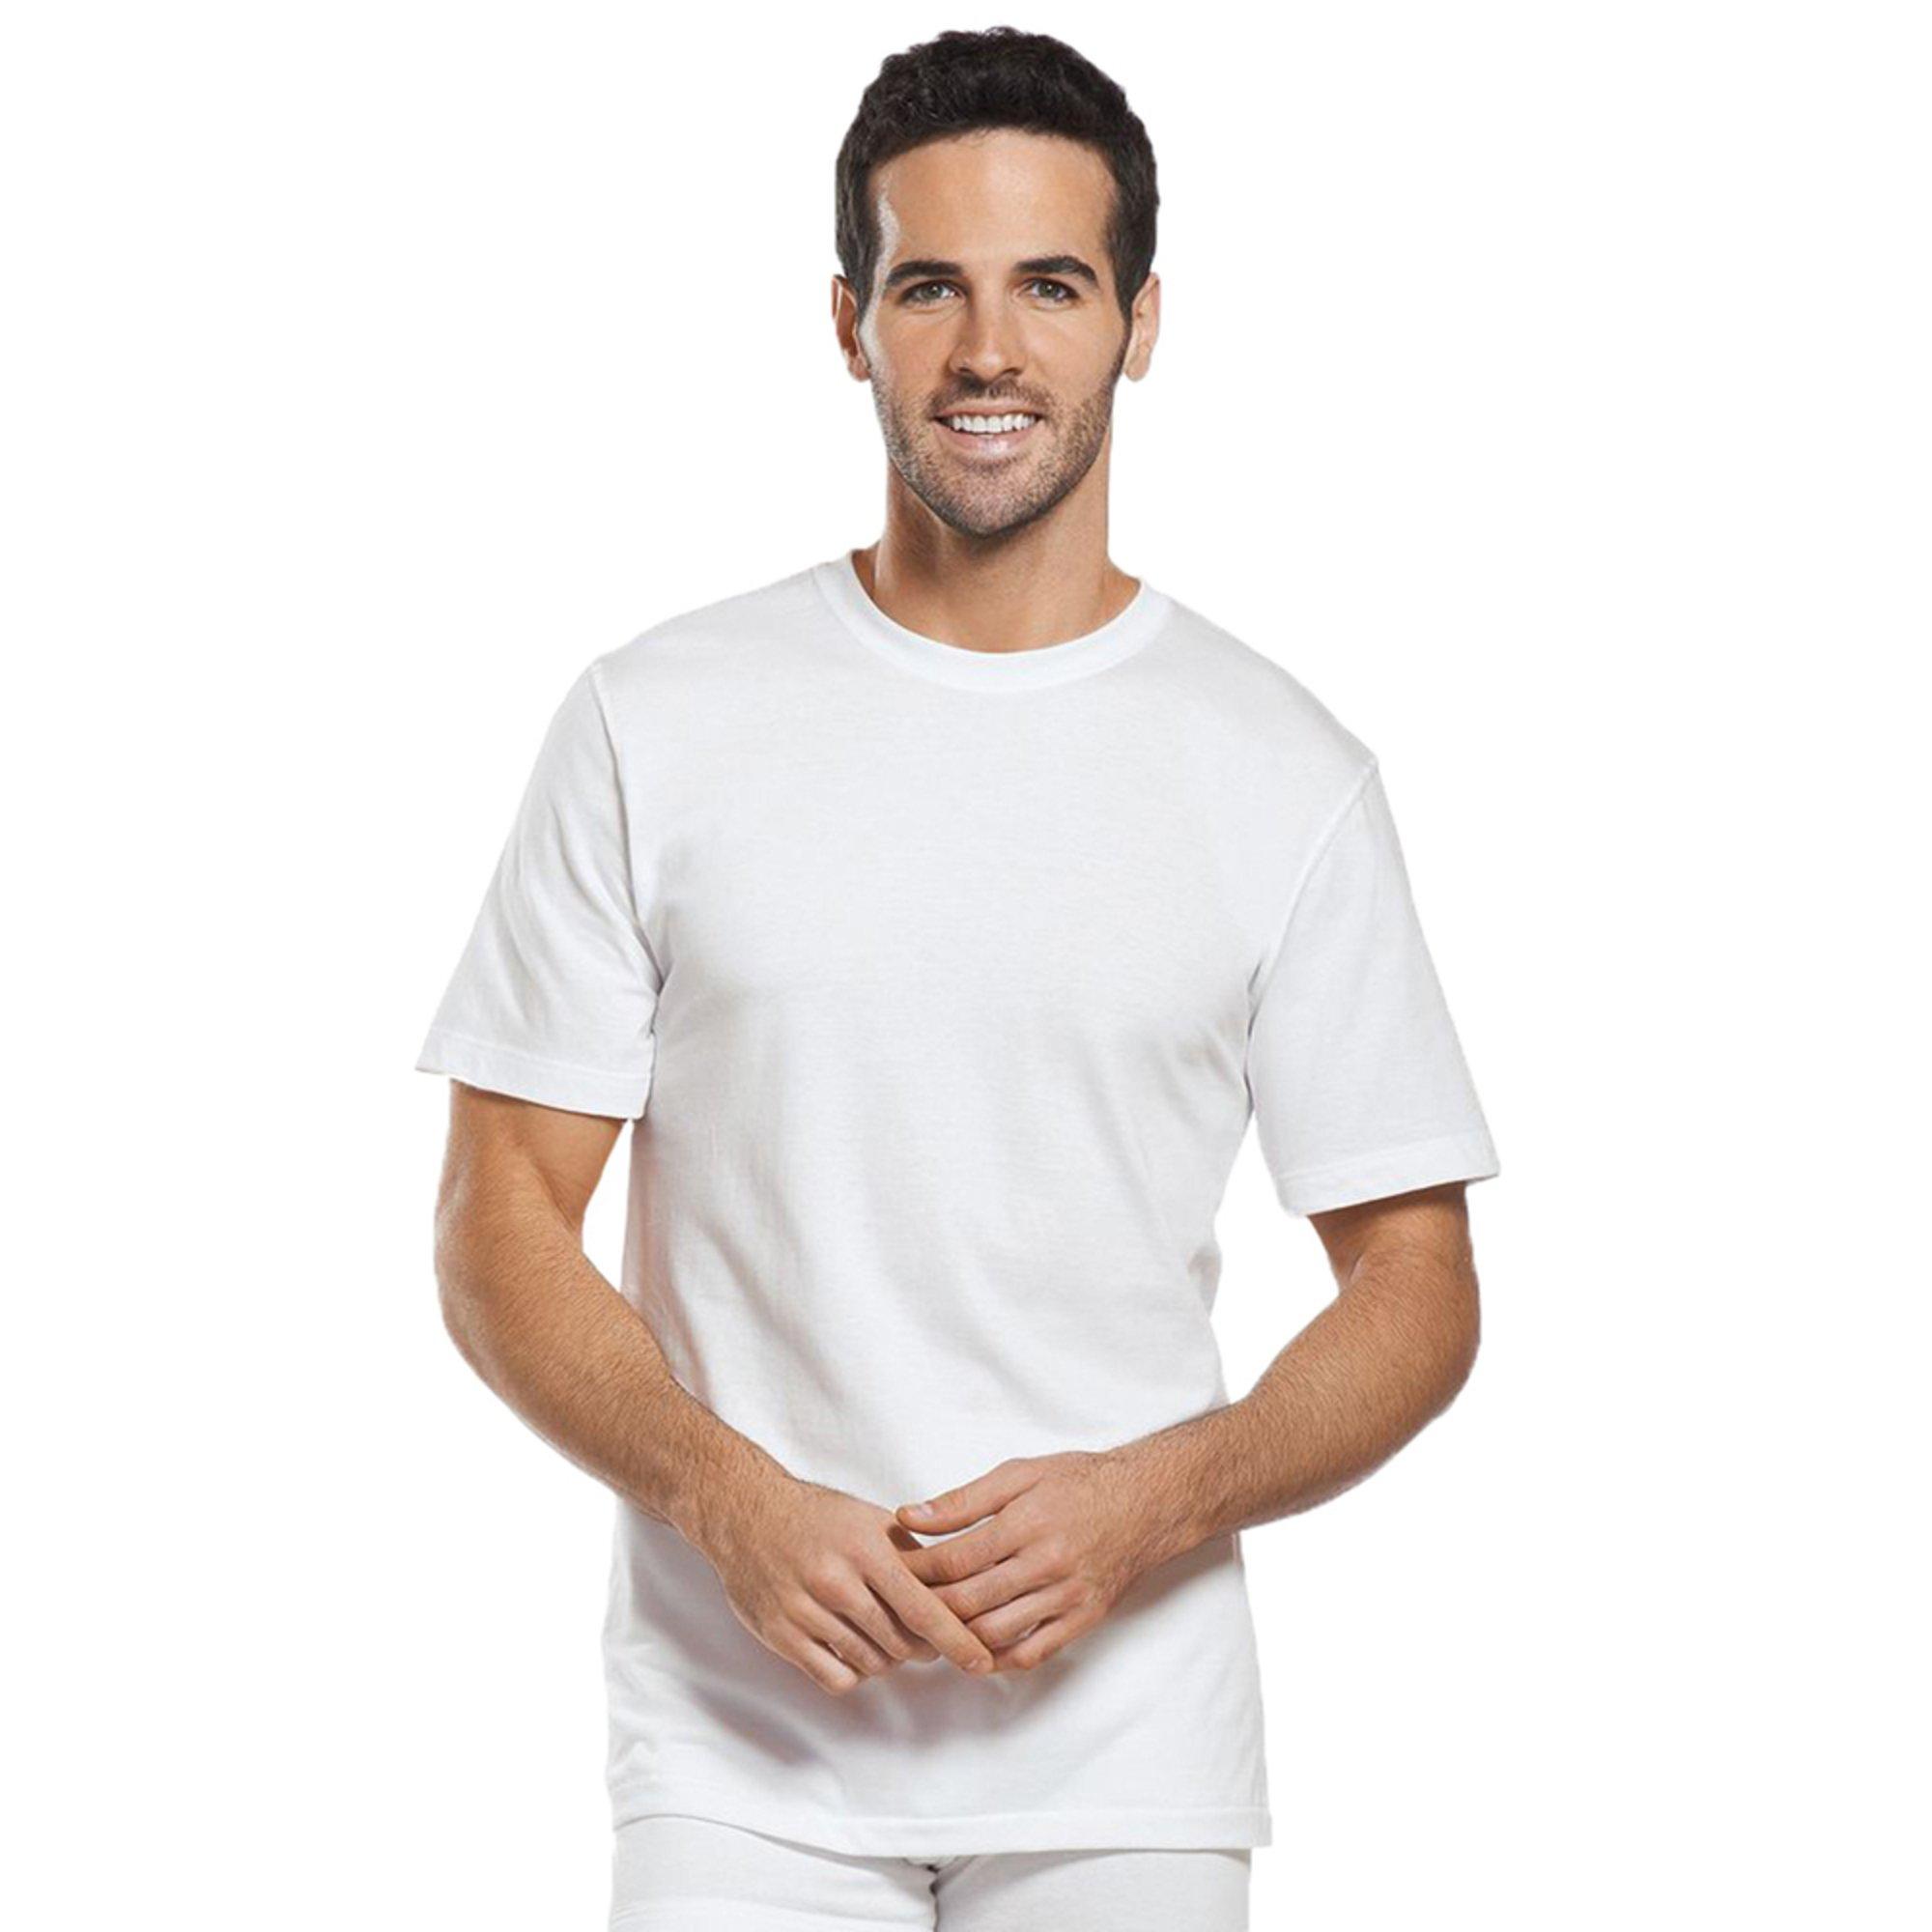 9ac1da1b Jockey Men's Tall Man Crew Neck T-shirt 2-pack - White | Men's ...